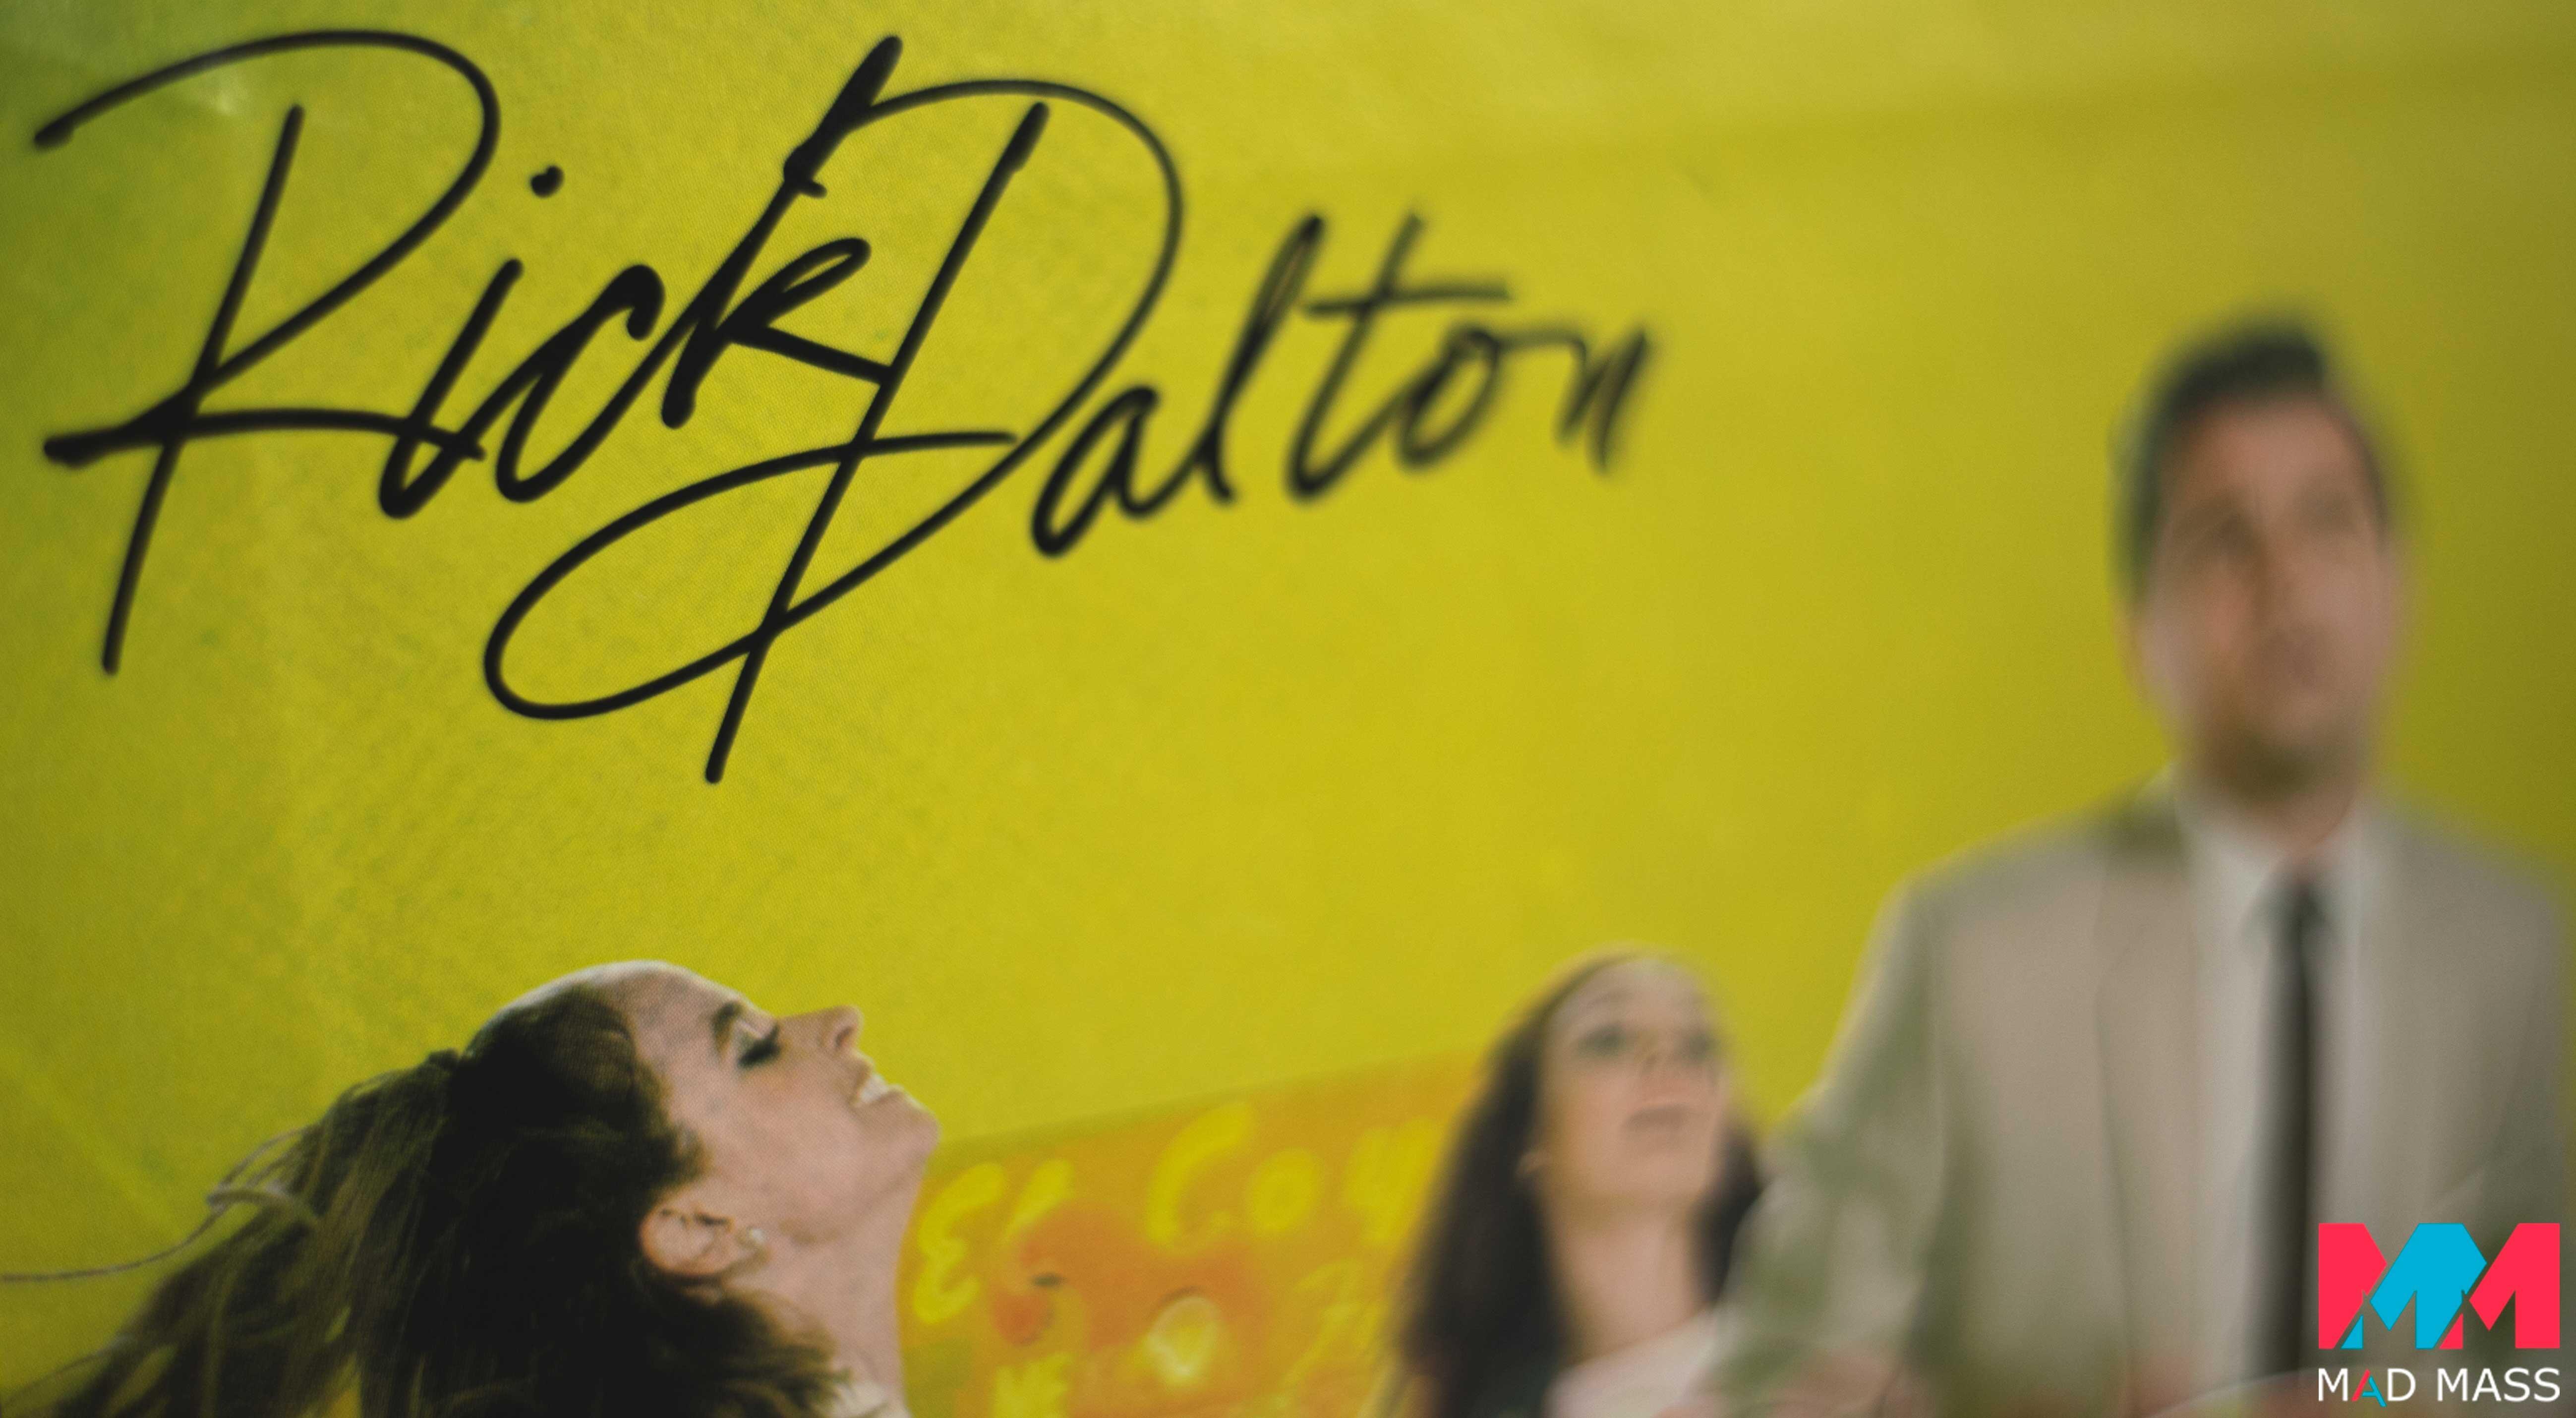 La firma di Rick Dalton